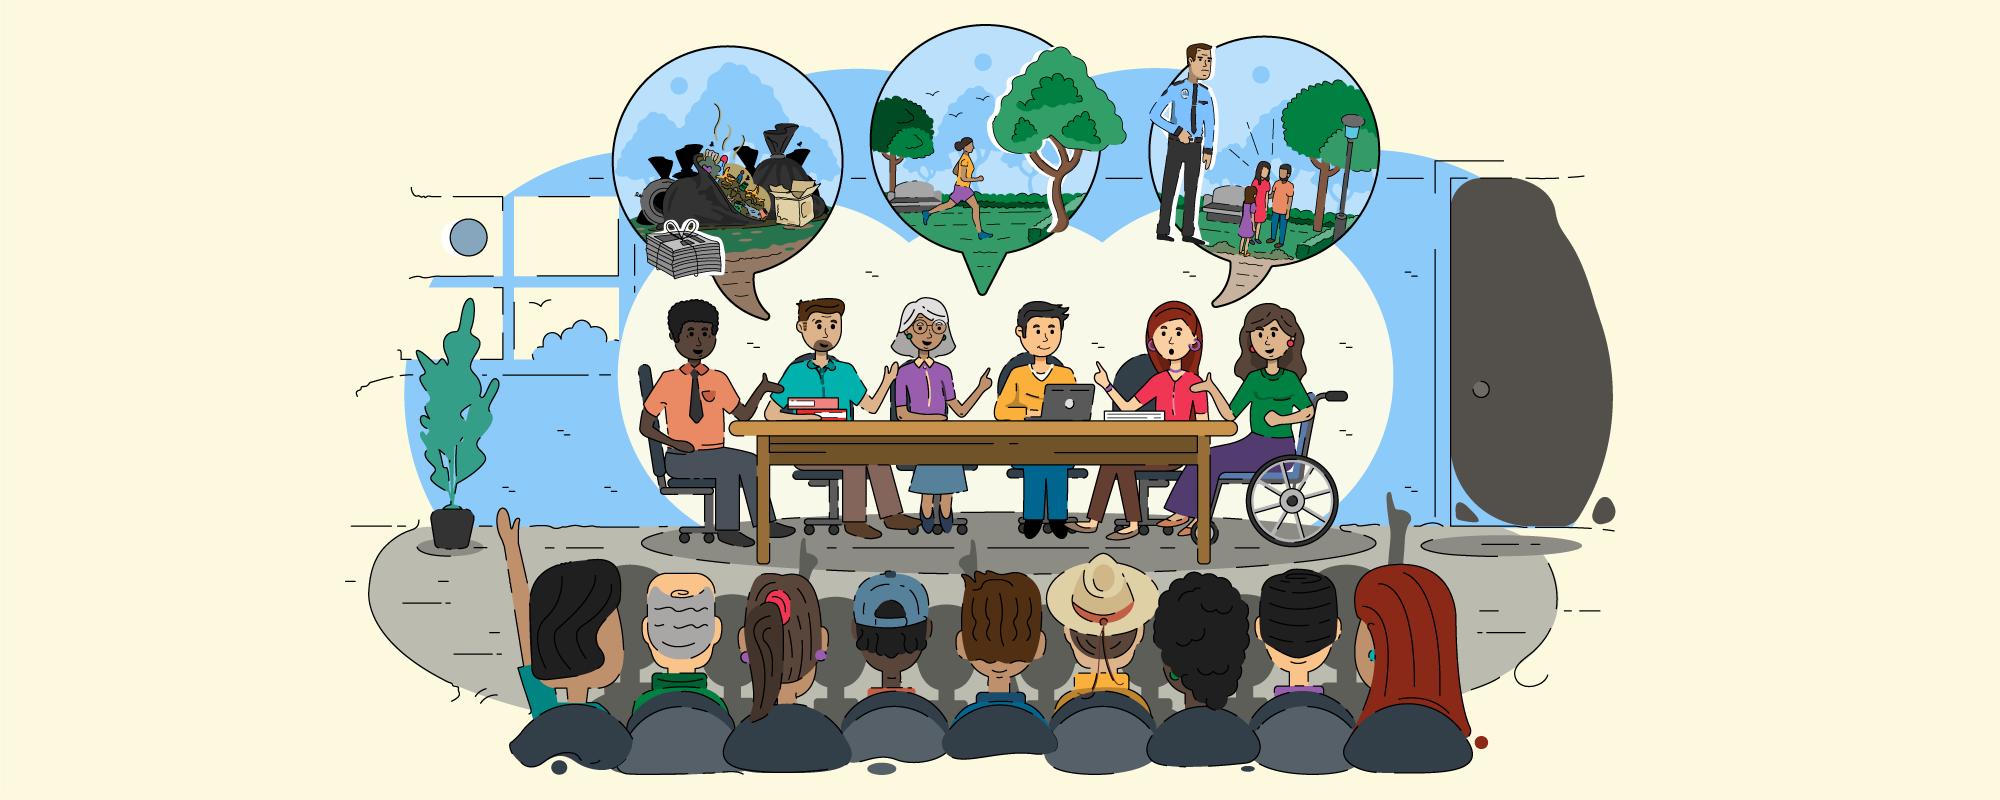 Caricatura de 6 personas sentadas alrededor de una mesa, y otras personas observando y participando.